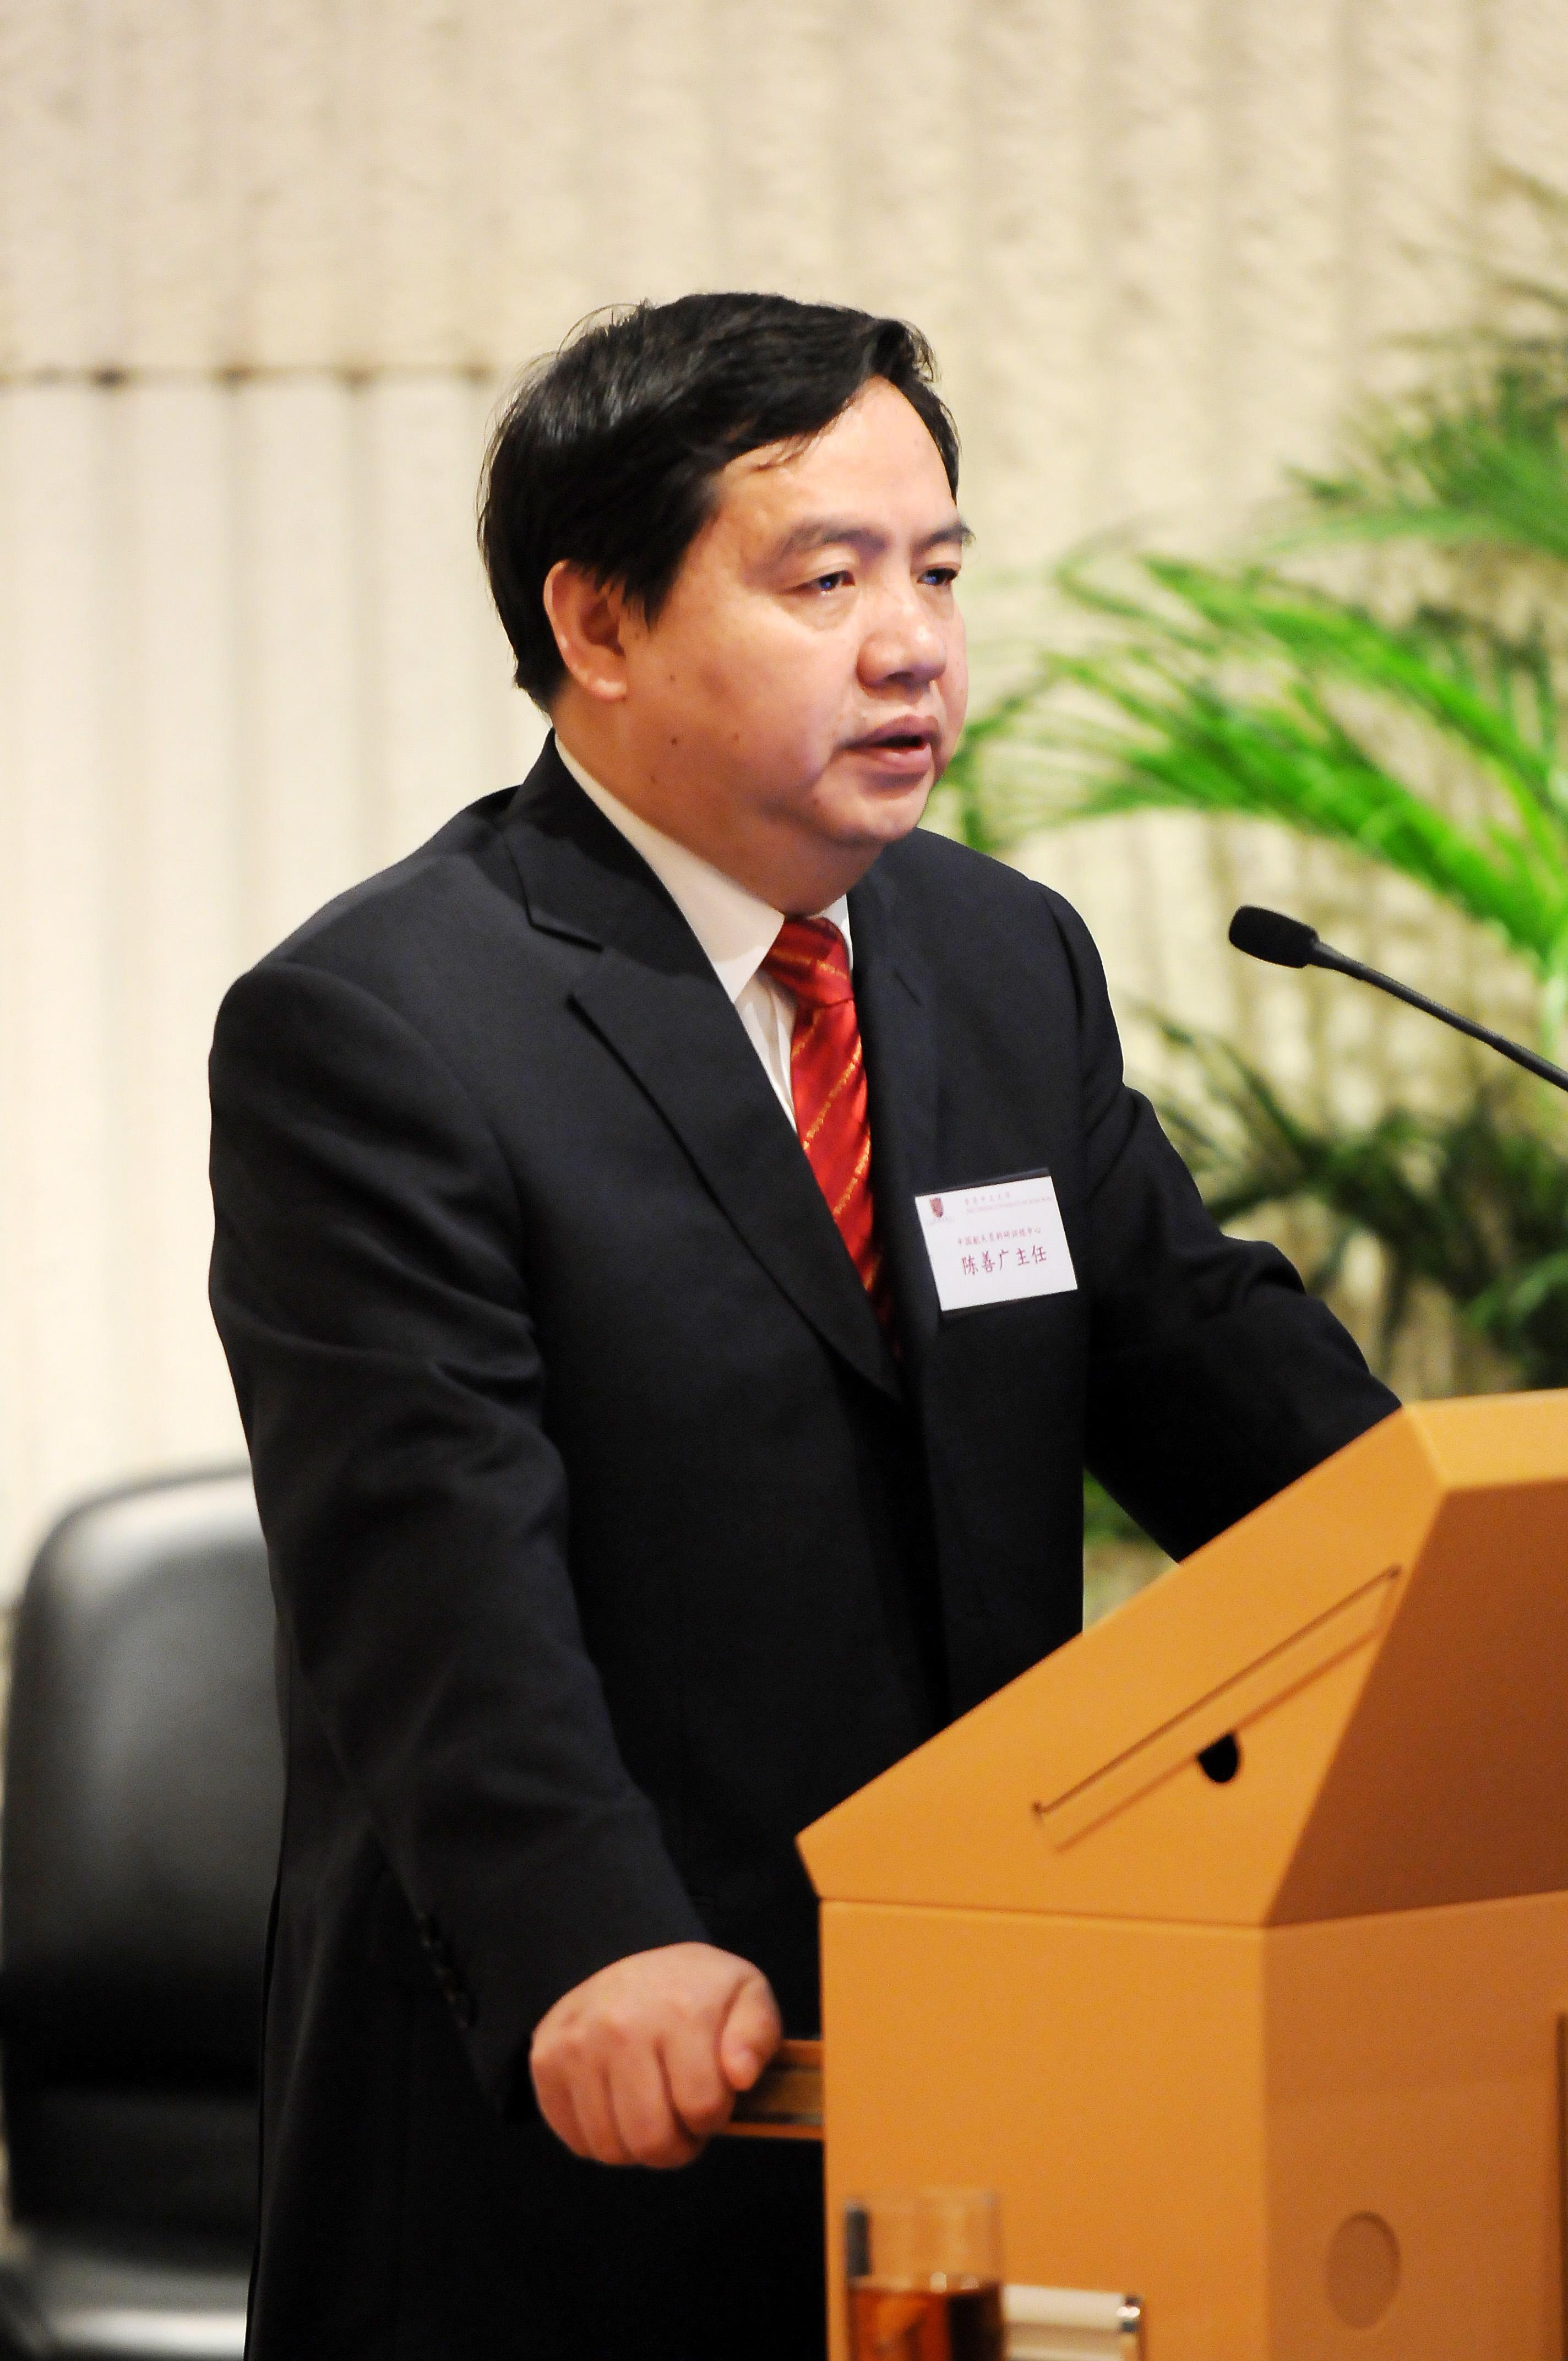 中國航天員科研訓練中心主任陳善廣教授於中大演講